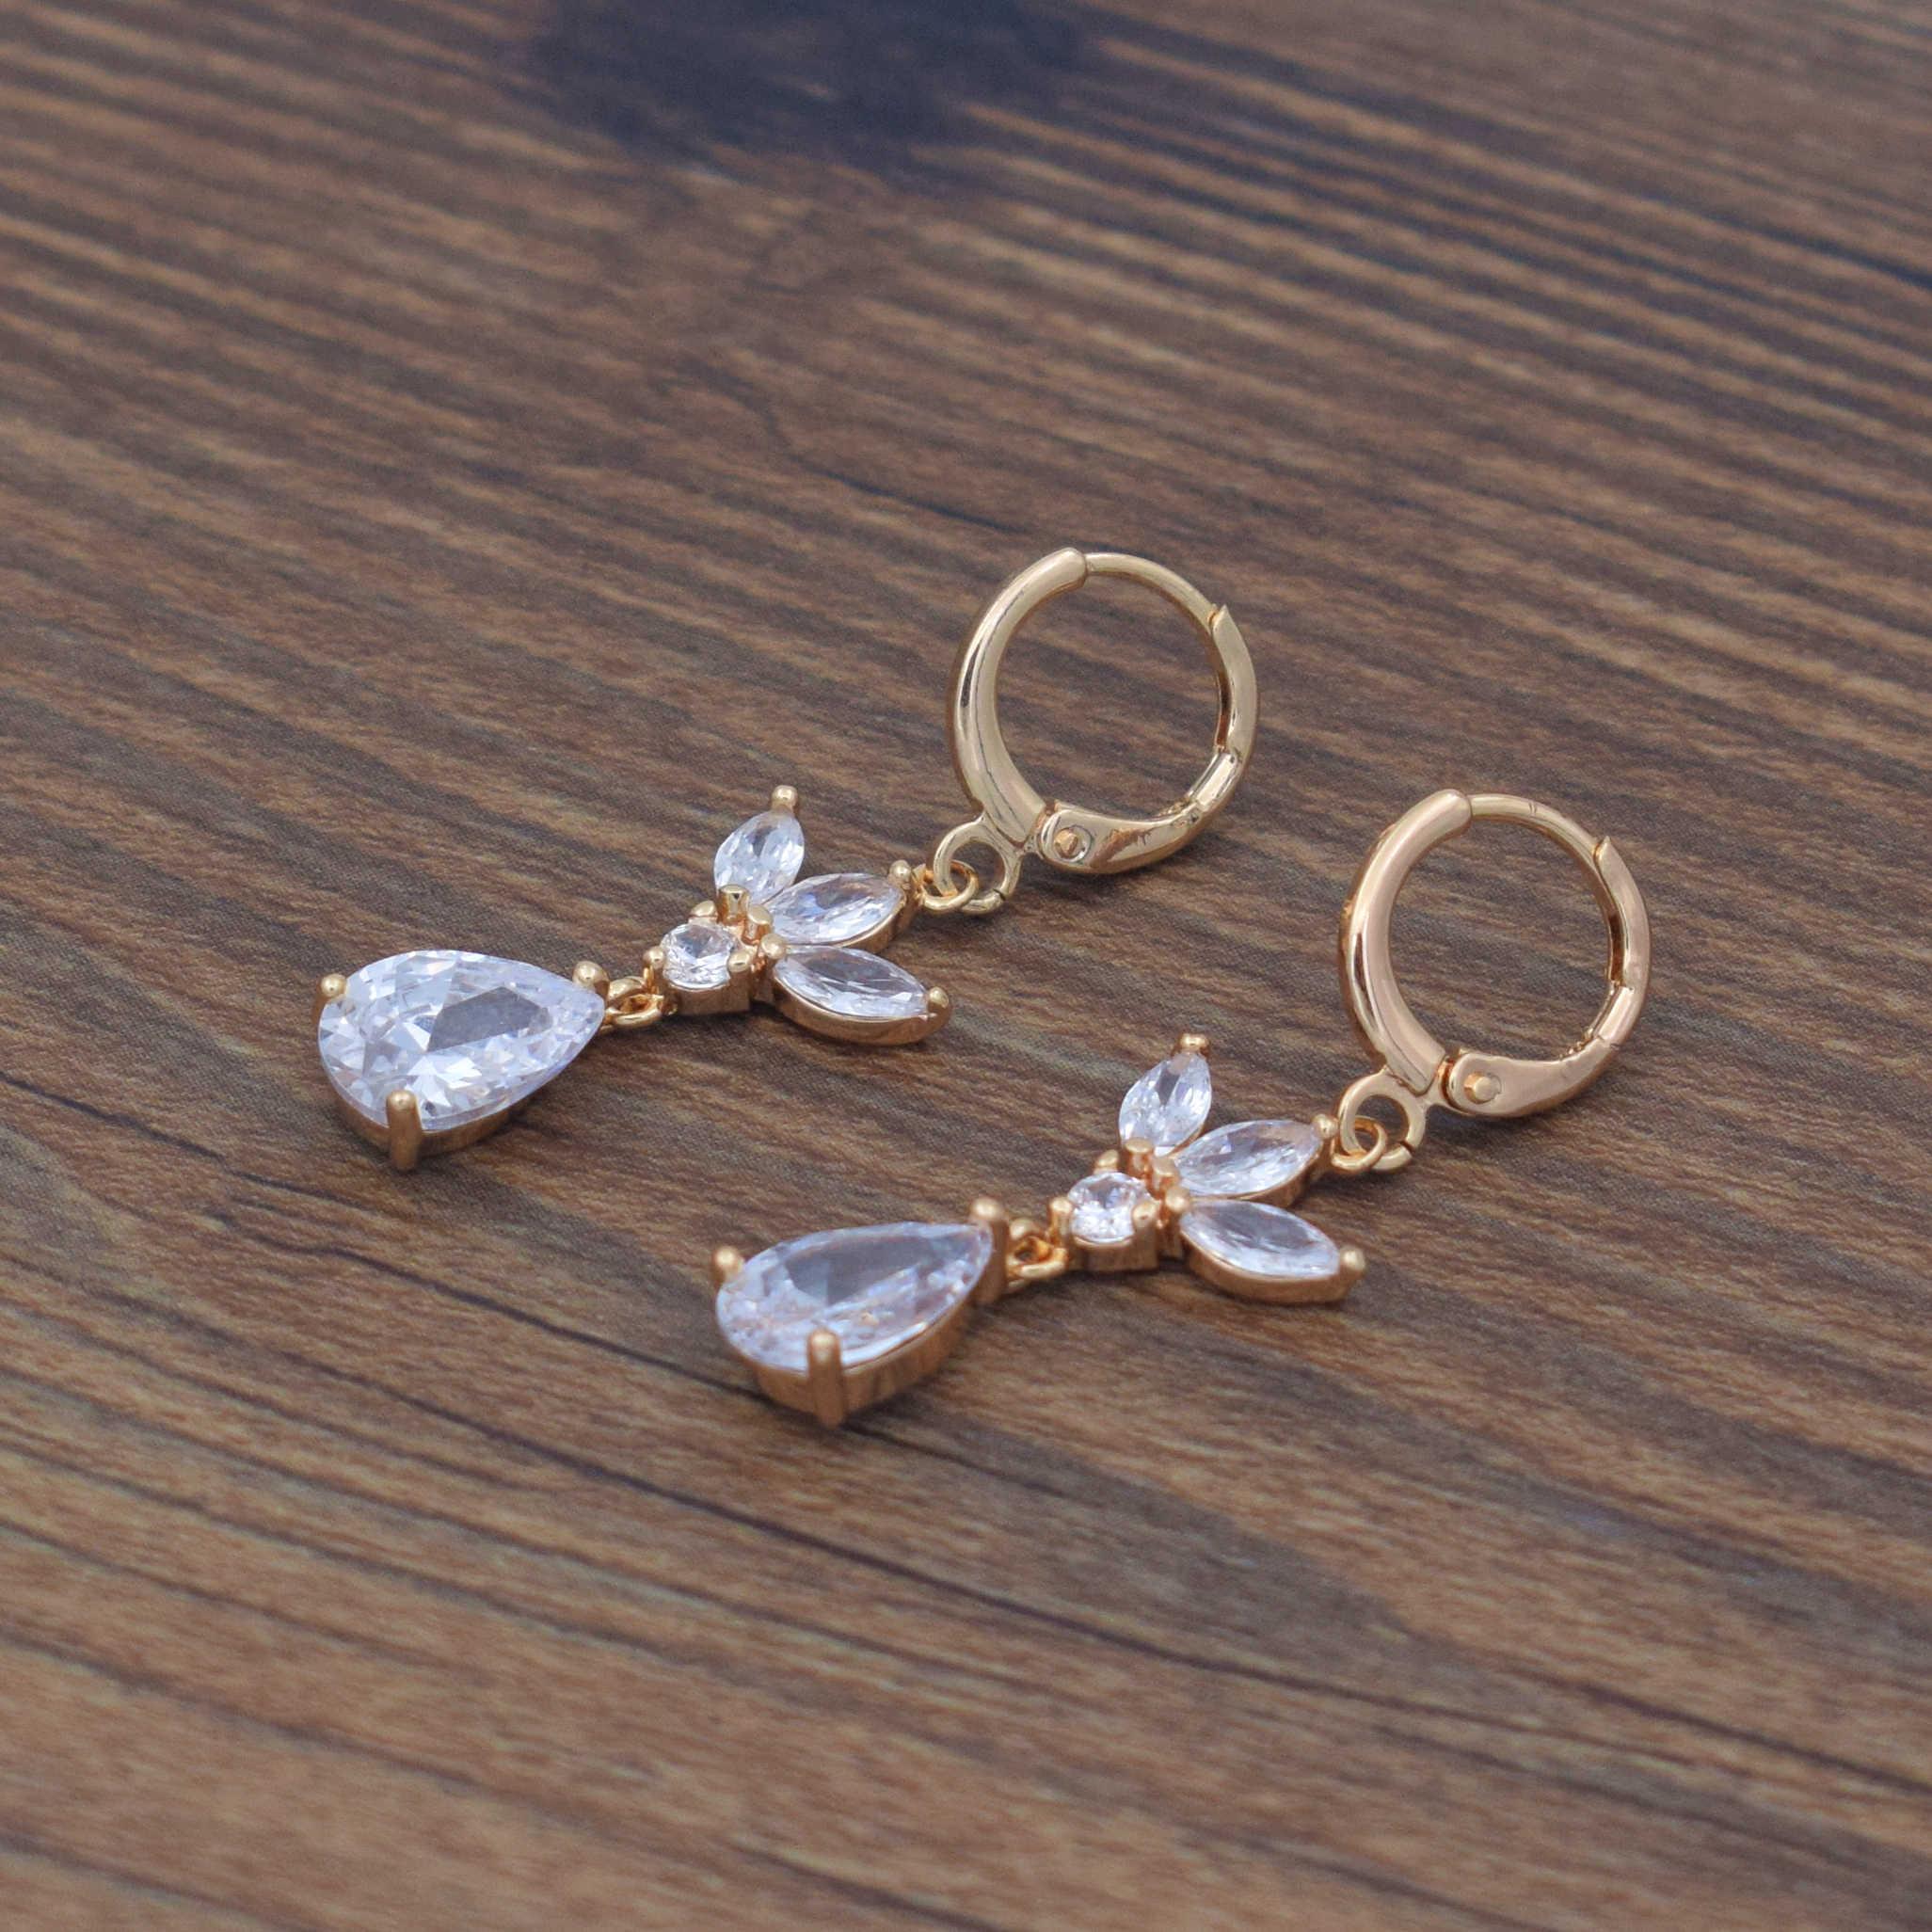 ผู้หญิงอินเทรนด์ water drop ต่างหู cubic zircon ต่างหู dangle เครื่องประดับสไตล์หวาน rose gold 585 ต่างหูคริสตัลสำหรับสุภาพสตรี